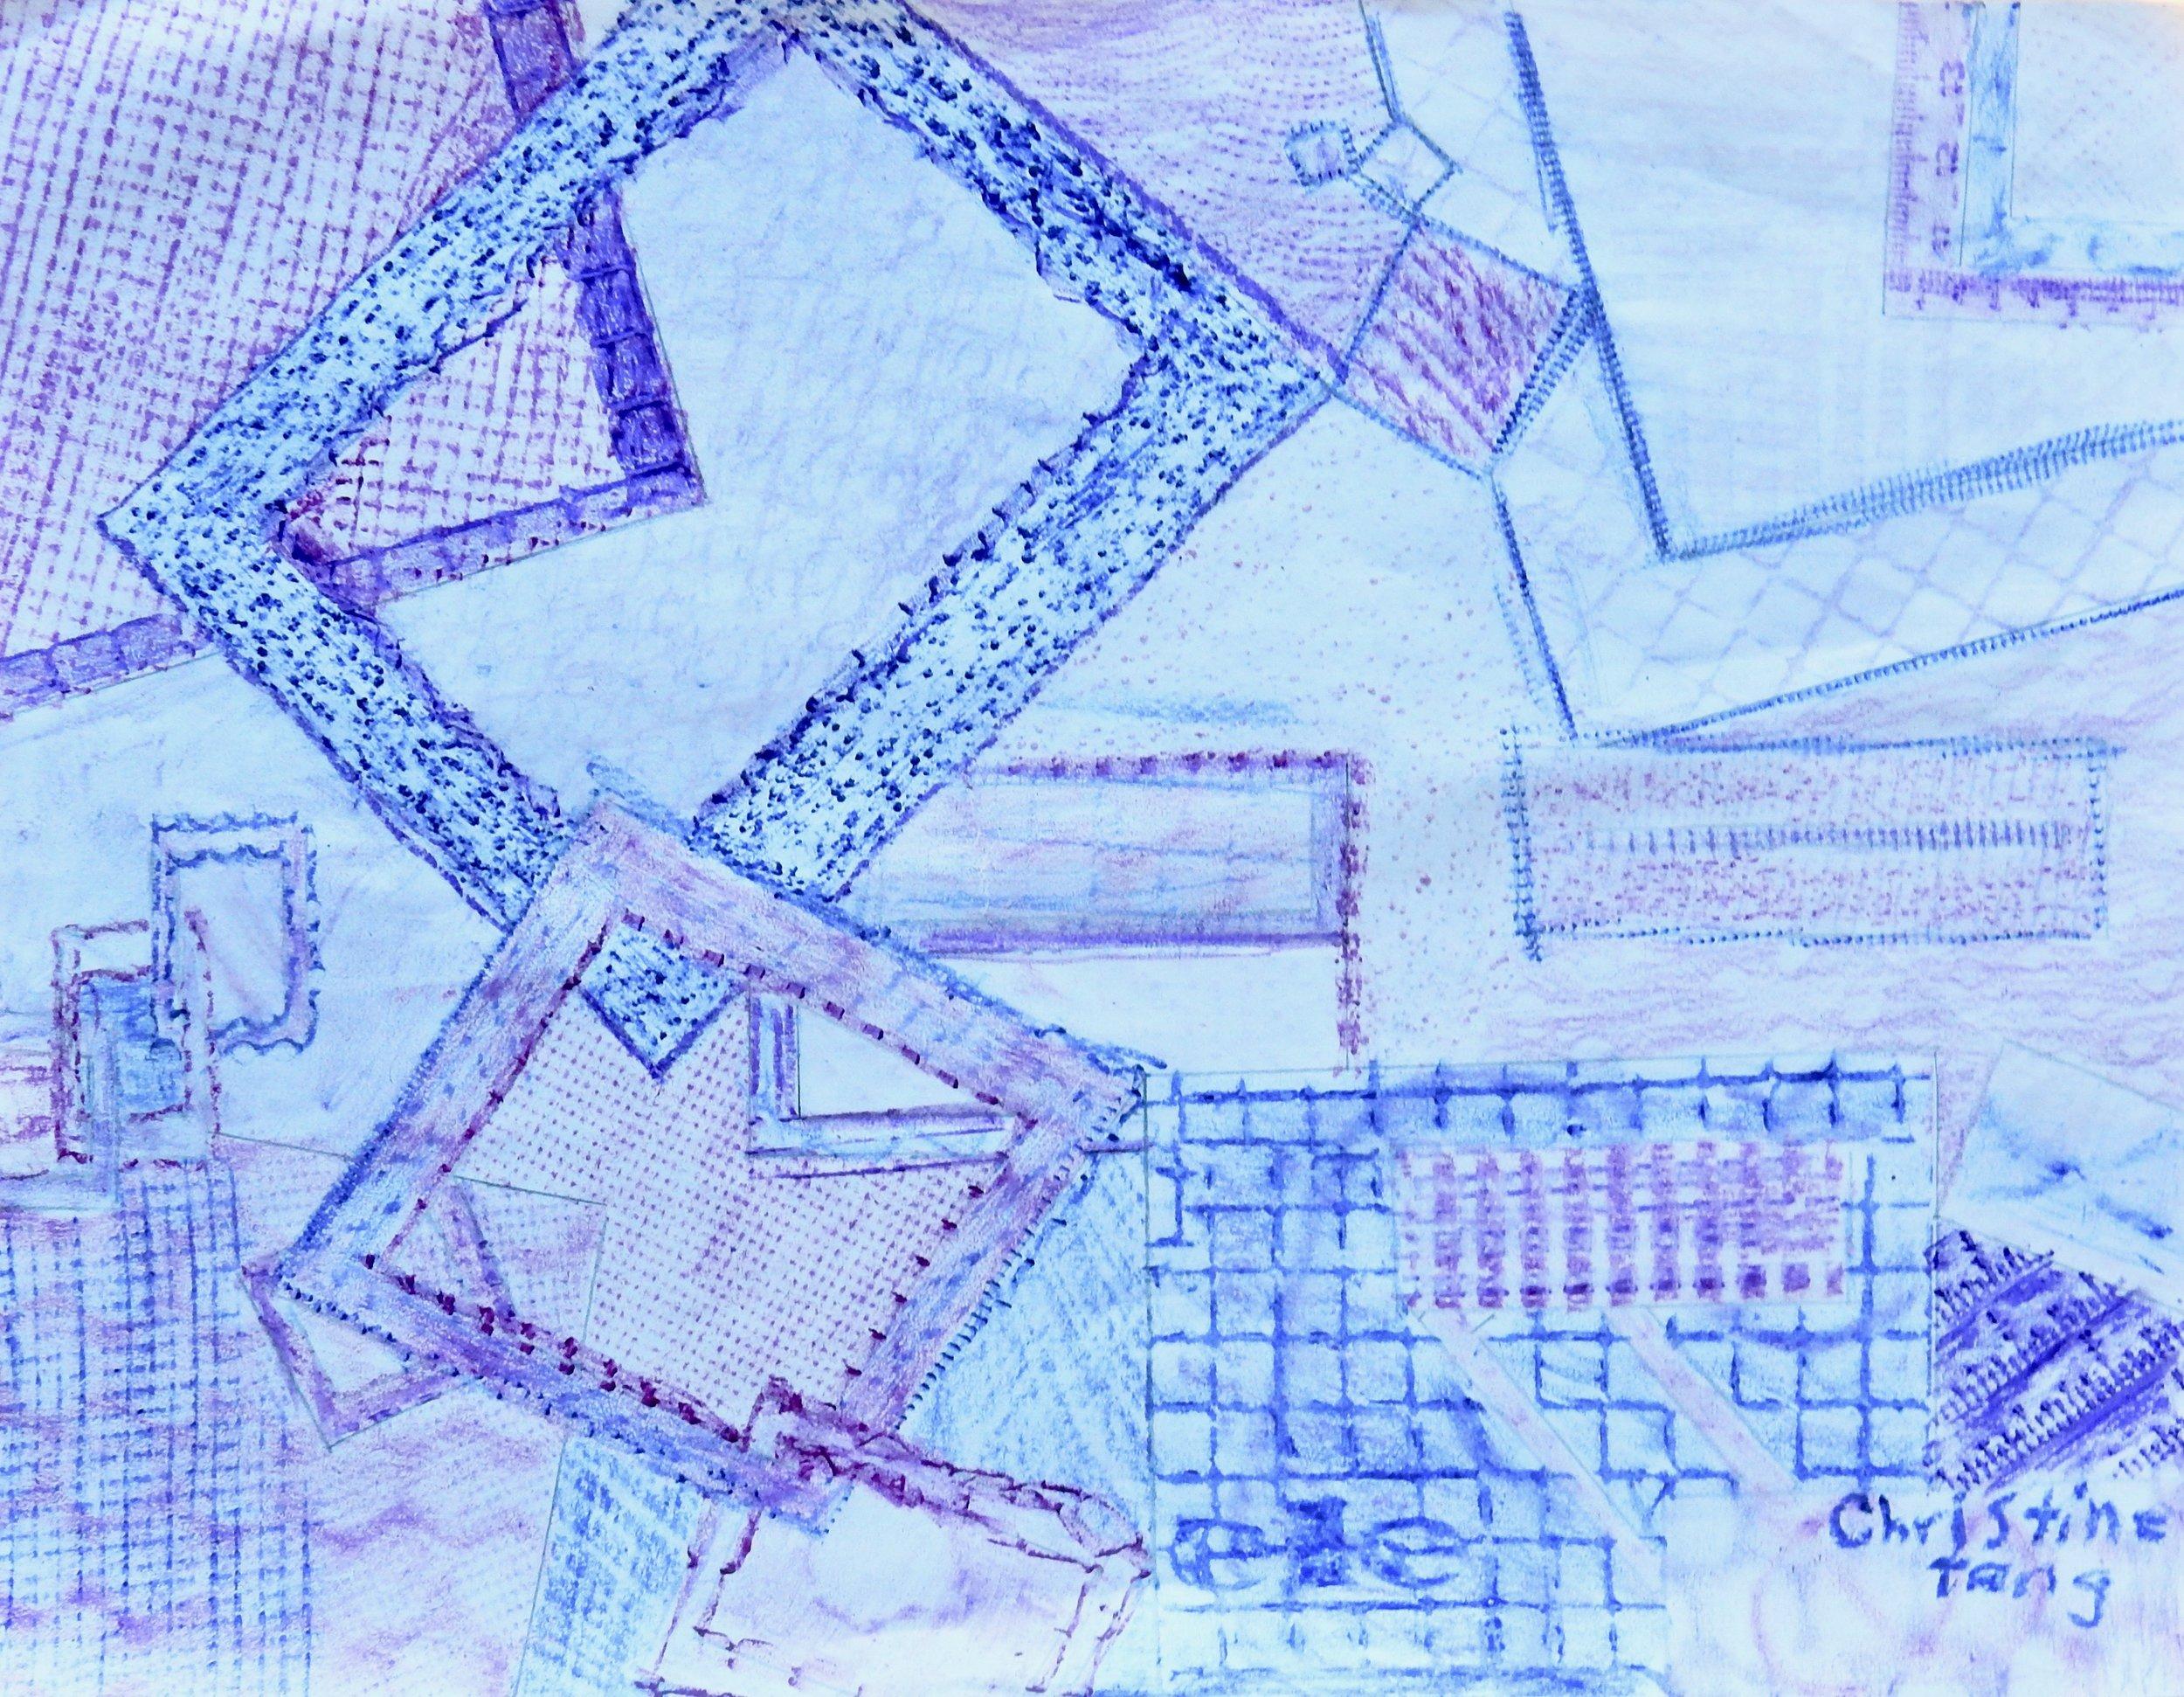 Christine Tang.11 yrs.crayon